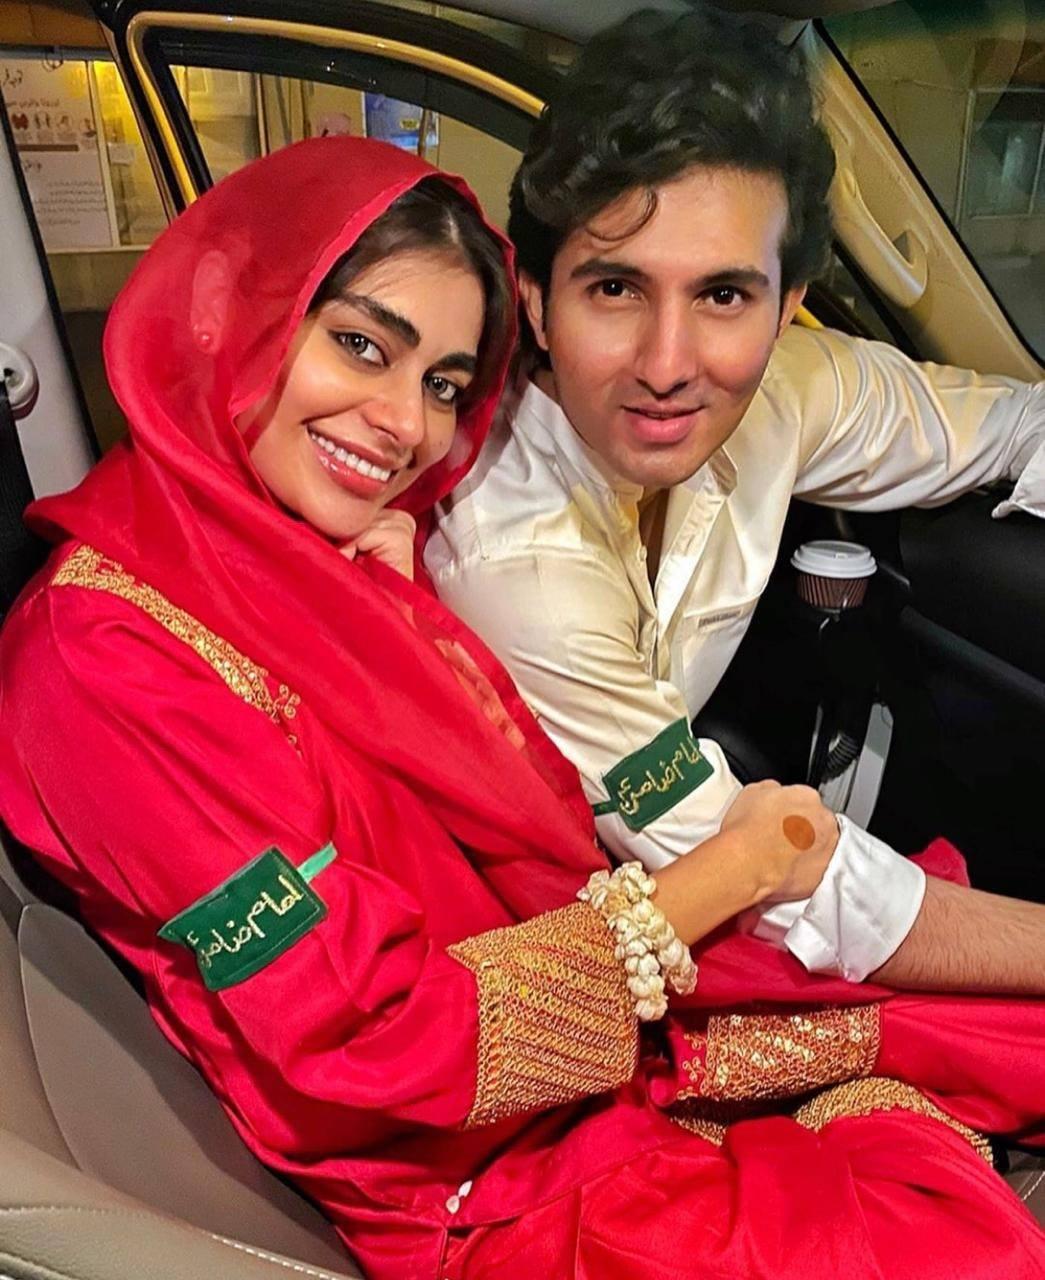 Newly Wed Couple Shahroz Sabzwari and Sadaf Kanwal